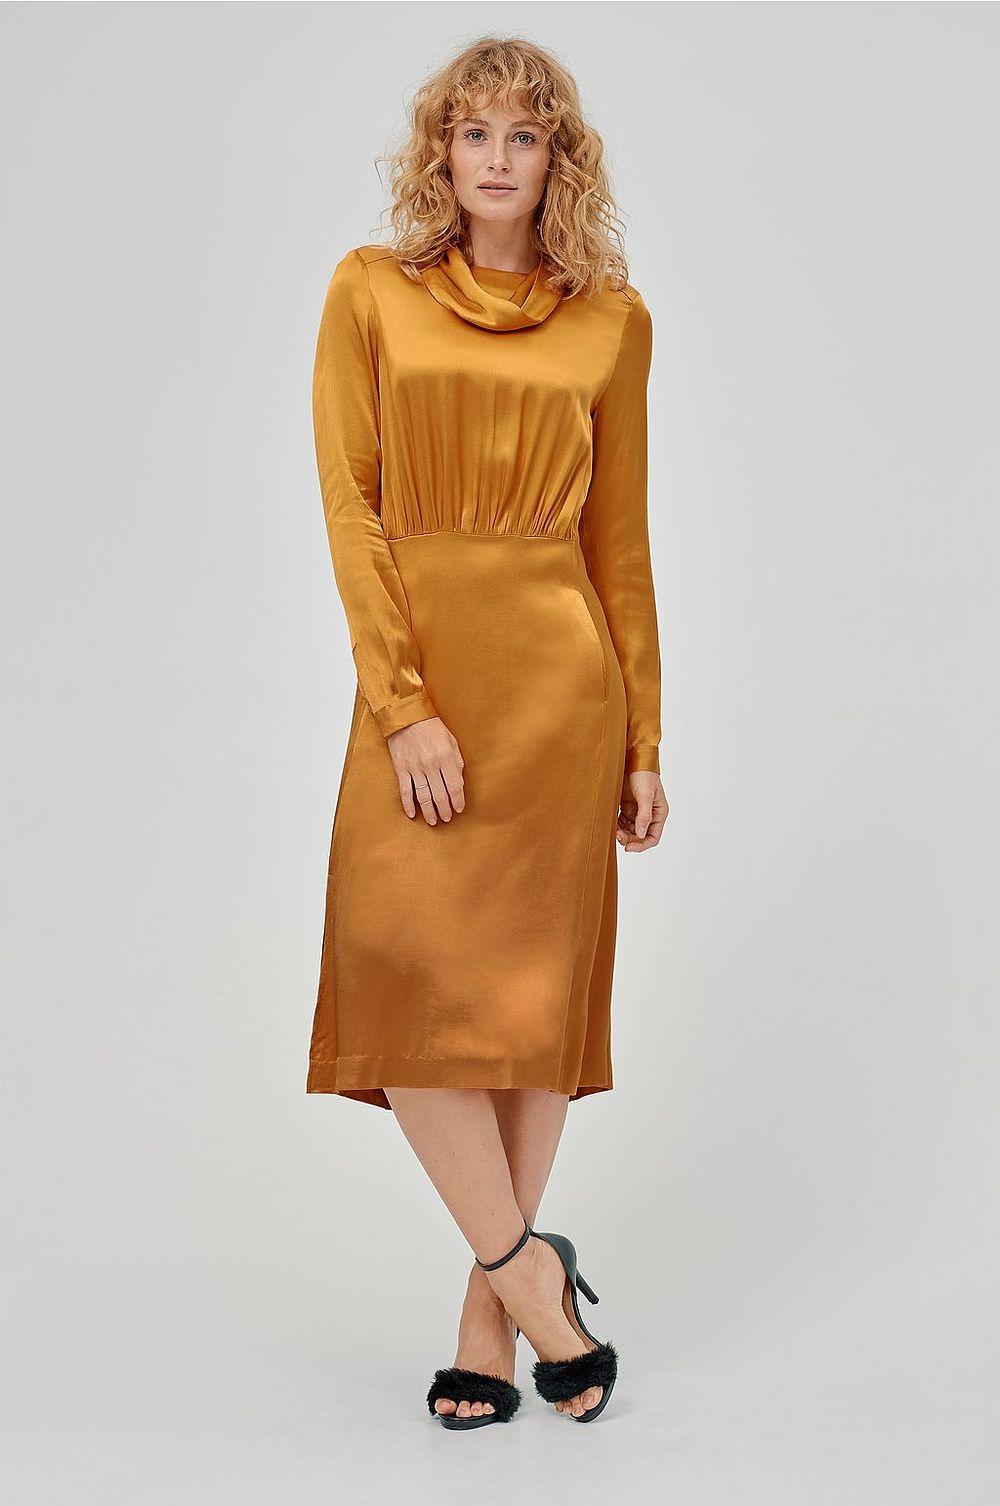 Klänningen från H M (adlink) är förvisso ingen äkta omlottklänning men den skapar  en perfekt illusion av att vara det. b5b8cac2419b7